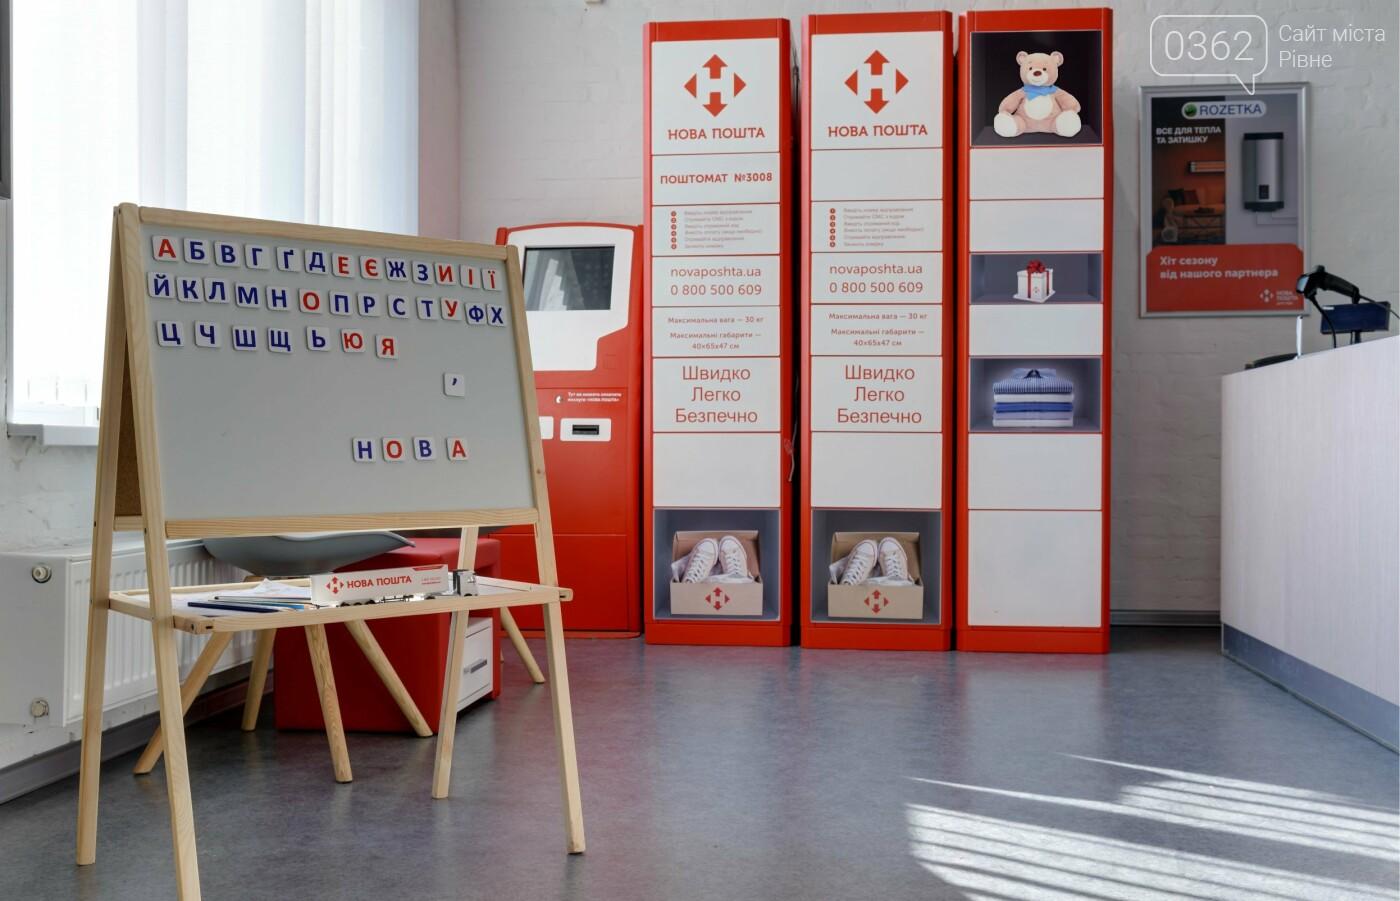 Ще в 5 селах Рівненьської області відкрились відділення «Нова Пошта», фото-1